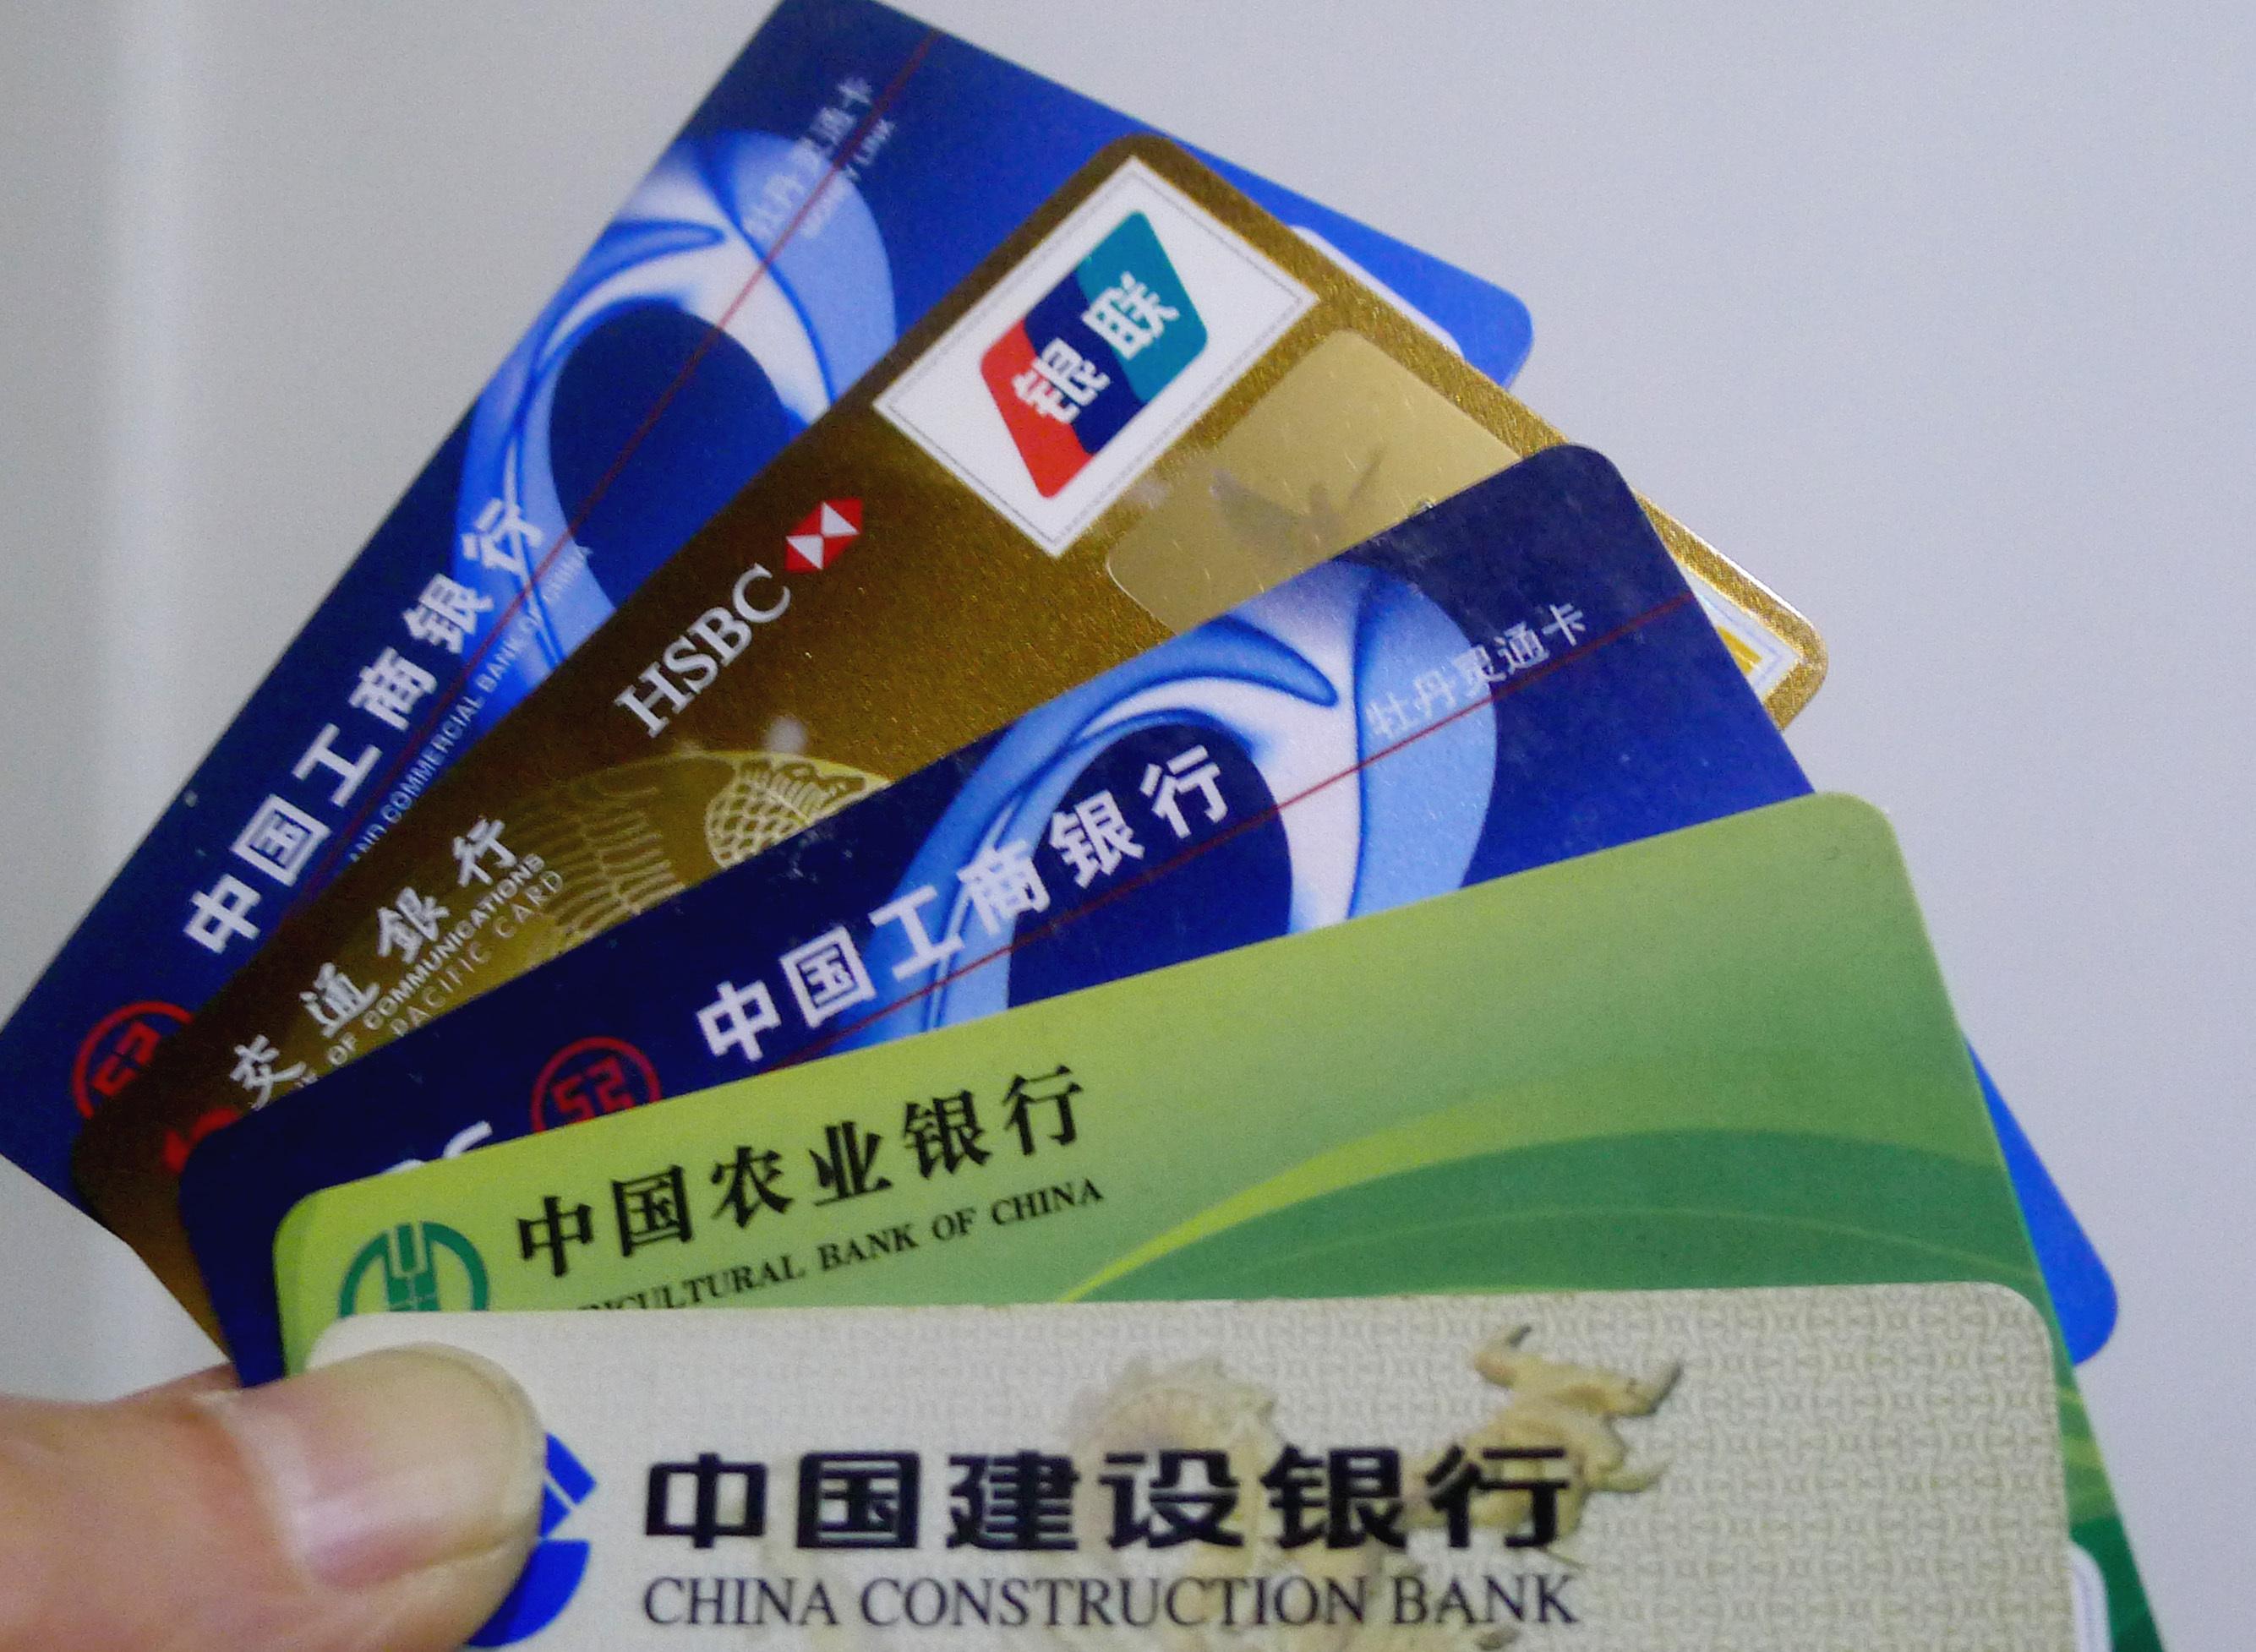 收到500额度的信用卡千万别急着注销,你要经受住银行对你的考验!